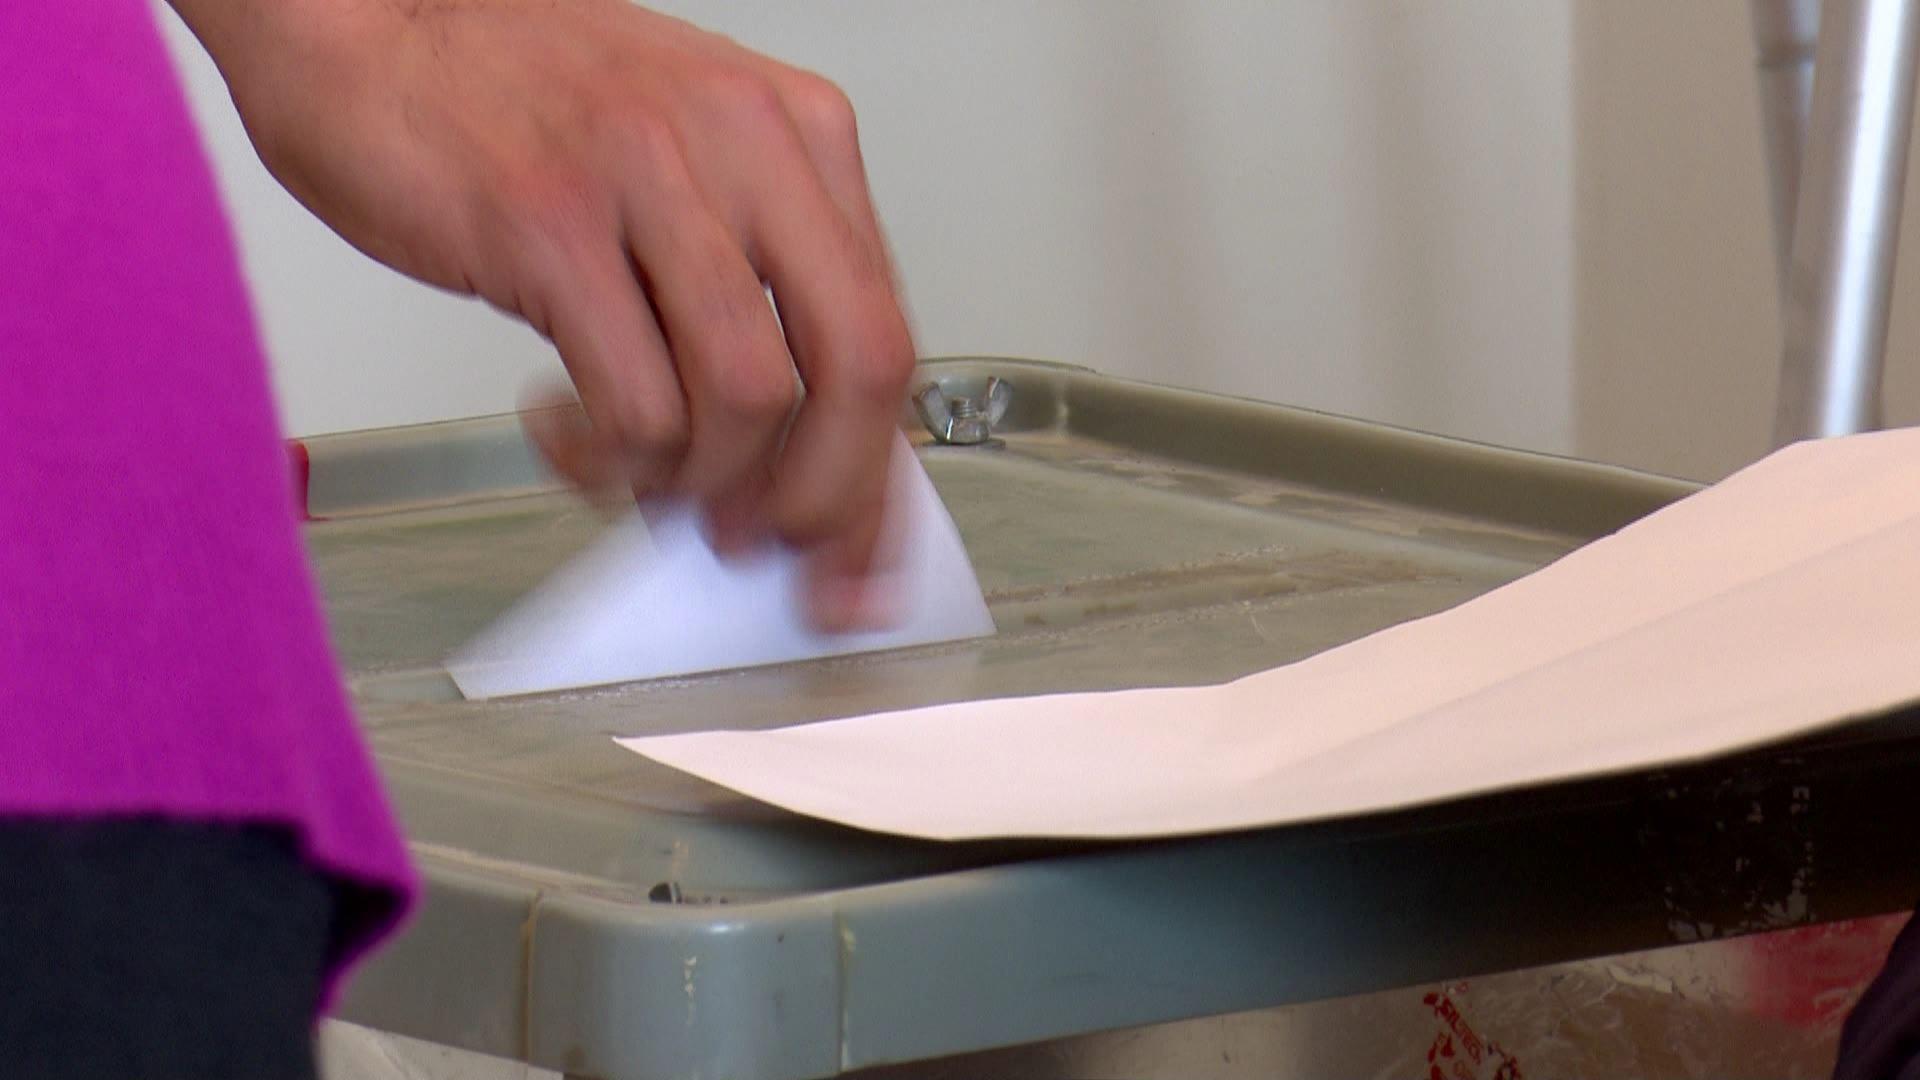 ბსუ-ს სტუდენტური თვითმმართველობის არჩევნების მეორე ტური